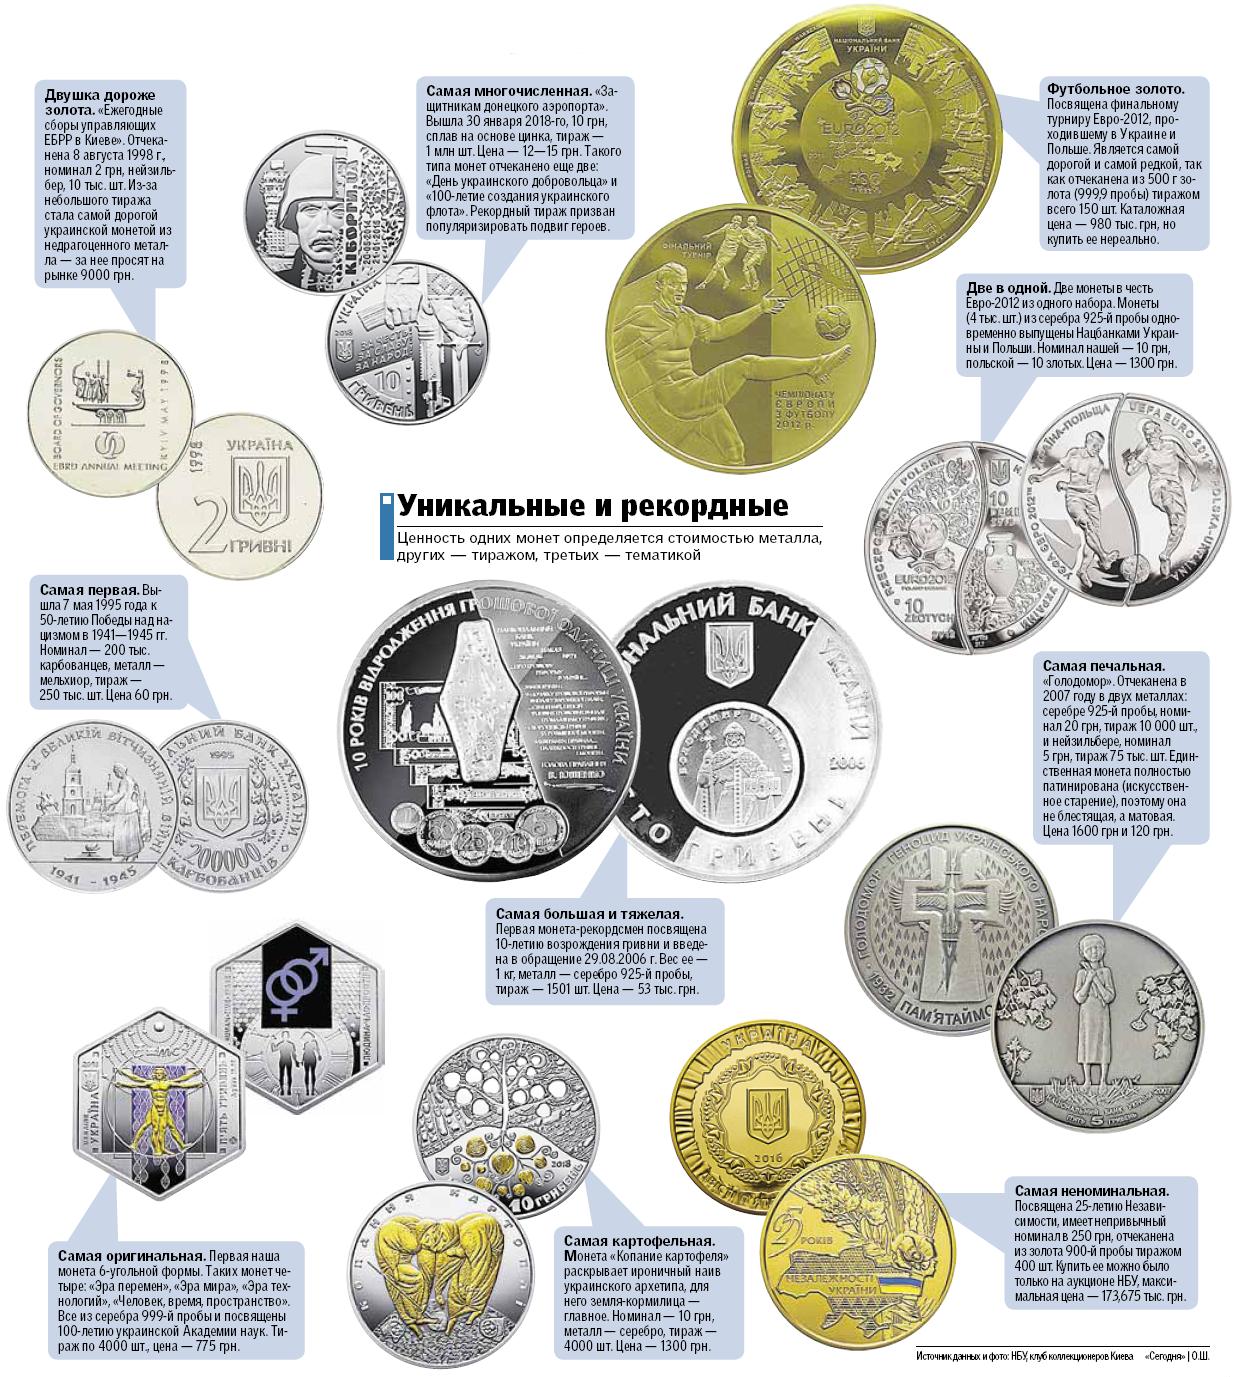 Кіборги, футбол, картопля: що можна побачити на найкрасивіших монетах України, фото-2